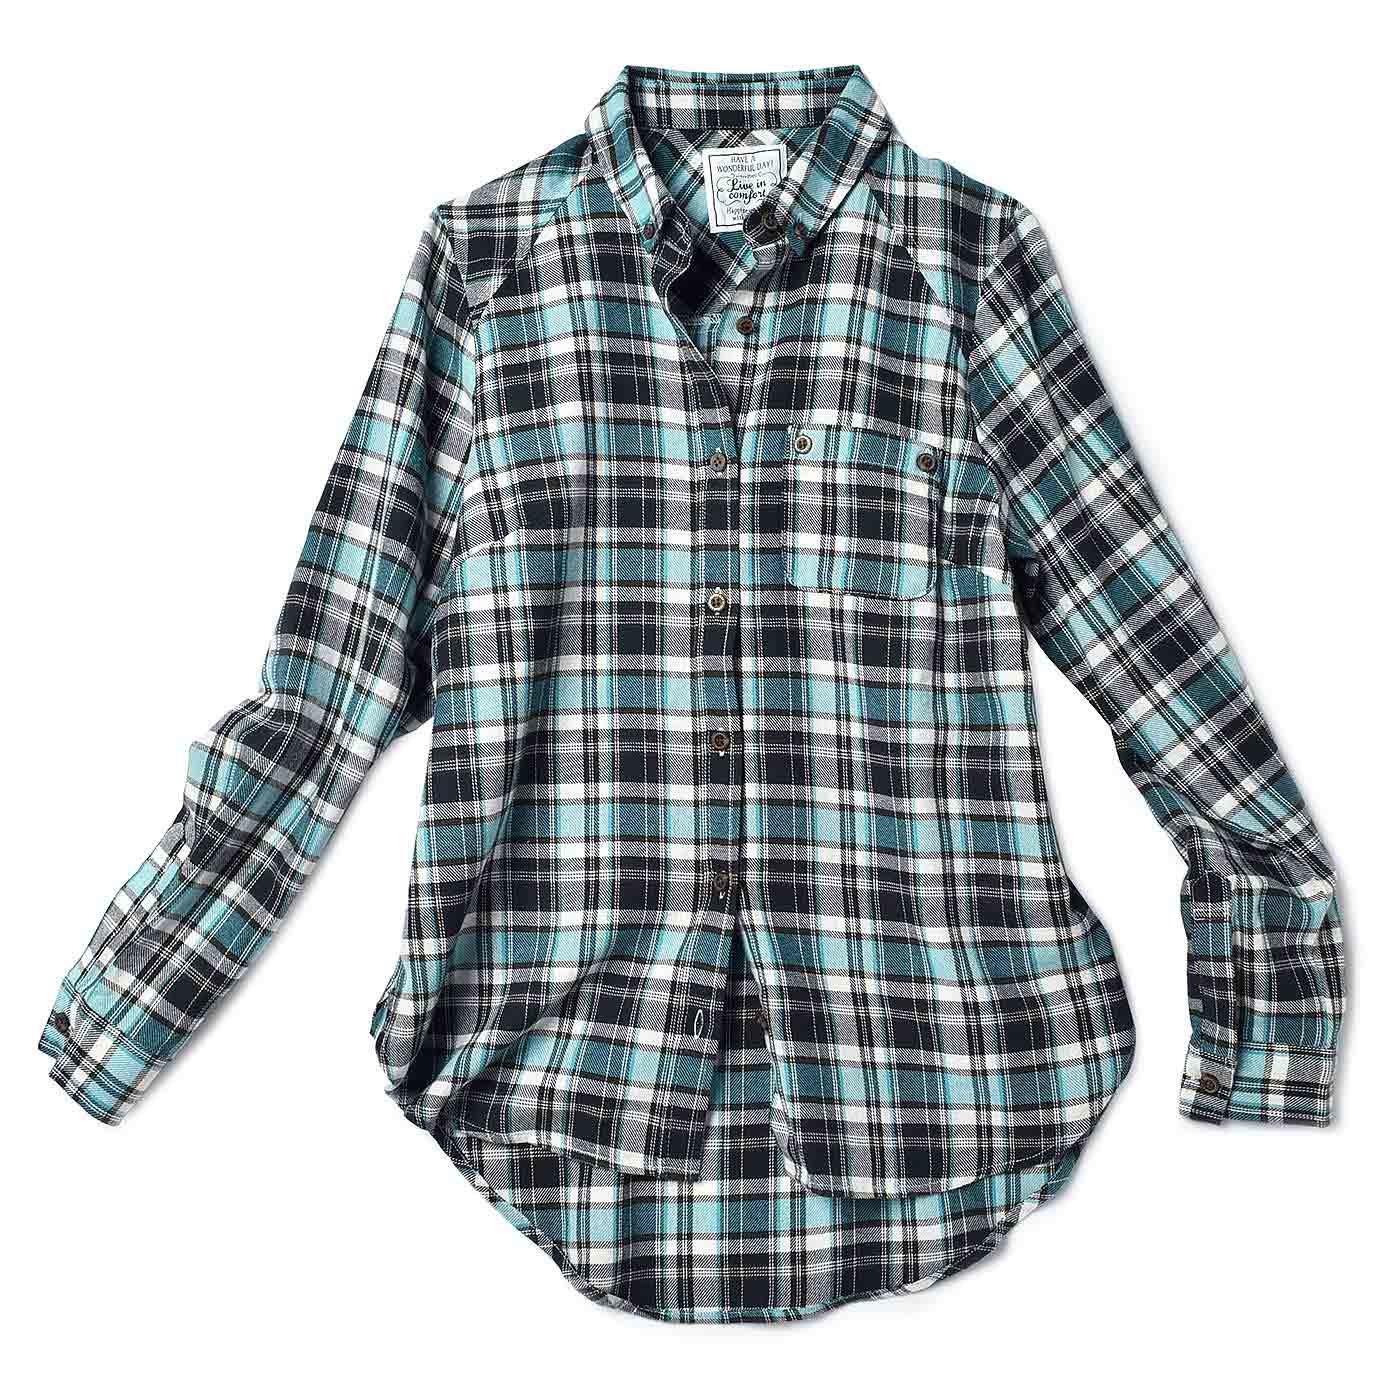 リブ イン コンフォート 後ろ長めがポイント! 使えるチェックシャツ〈ライトブルー×ブラック〉